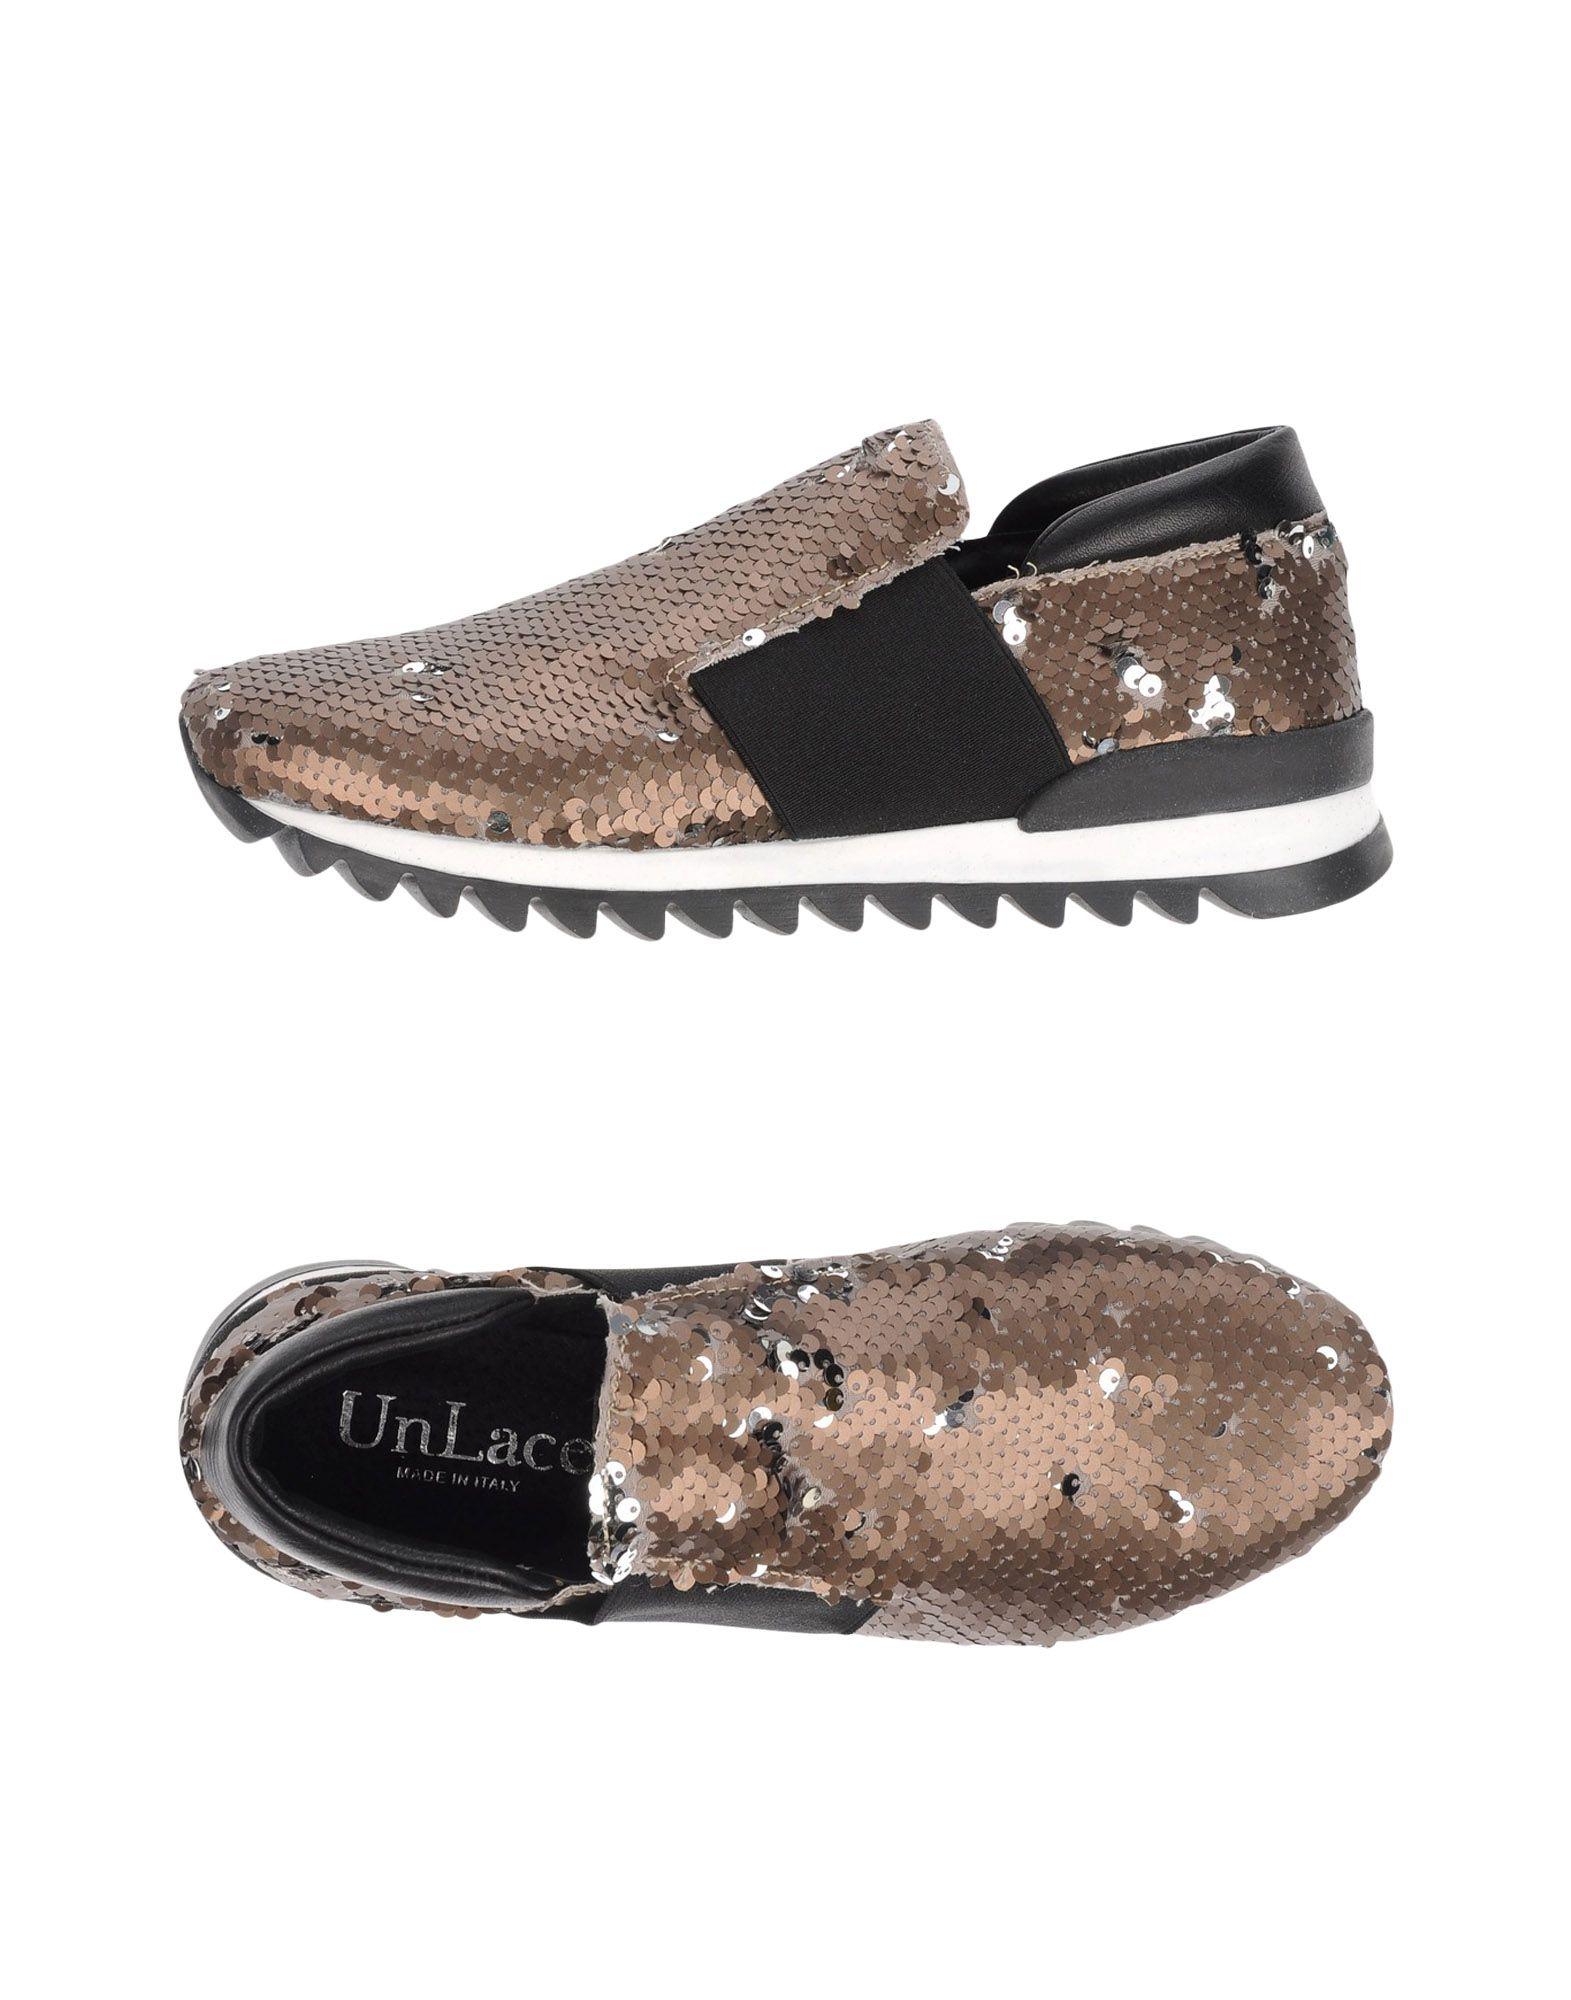 Moda Sneakers Unlace Donna Donna Unlace - 11219250TU 949236